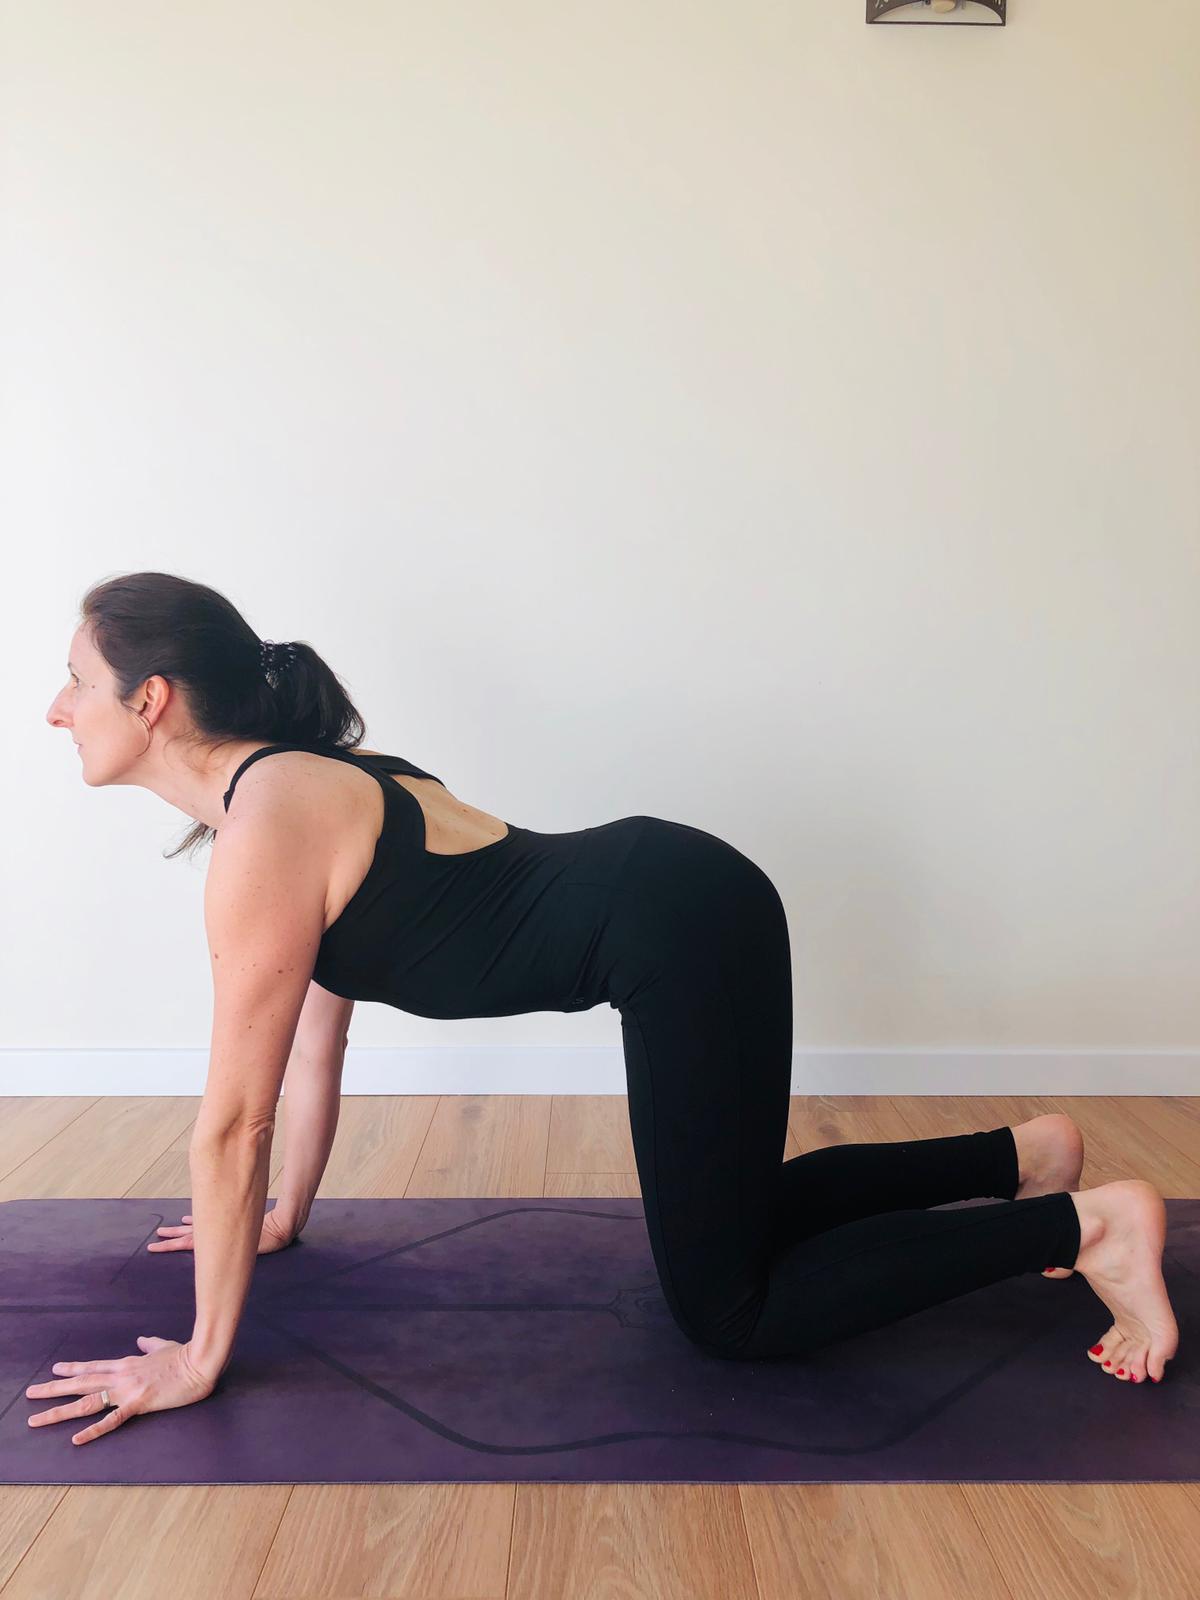 combinaison de yoga noire